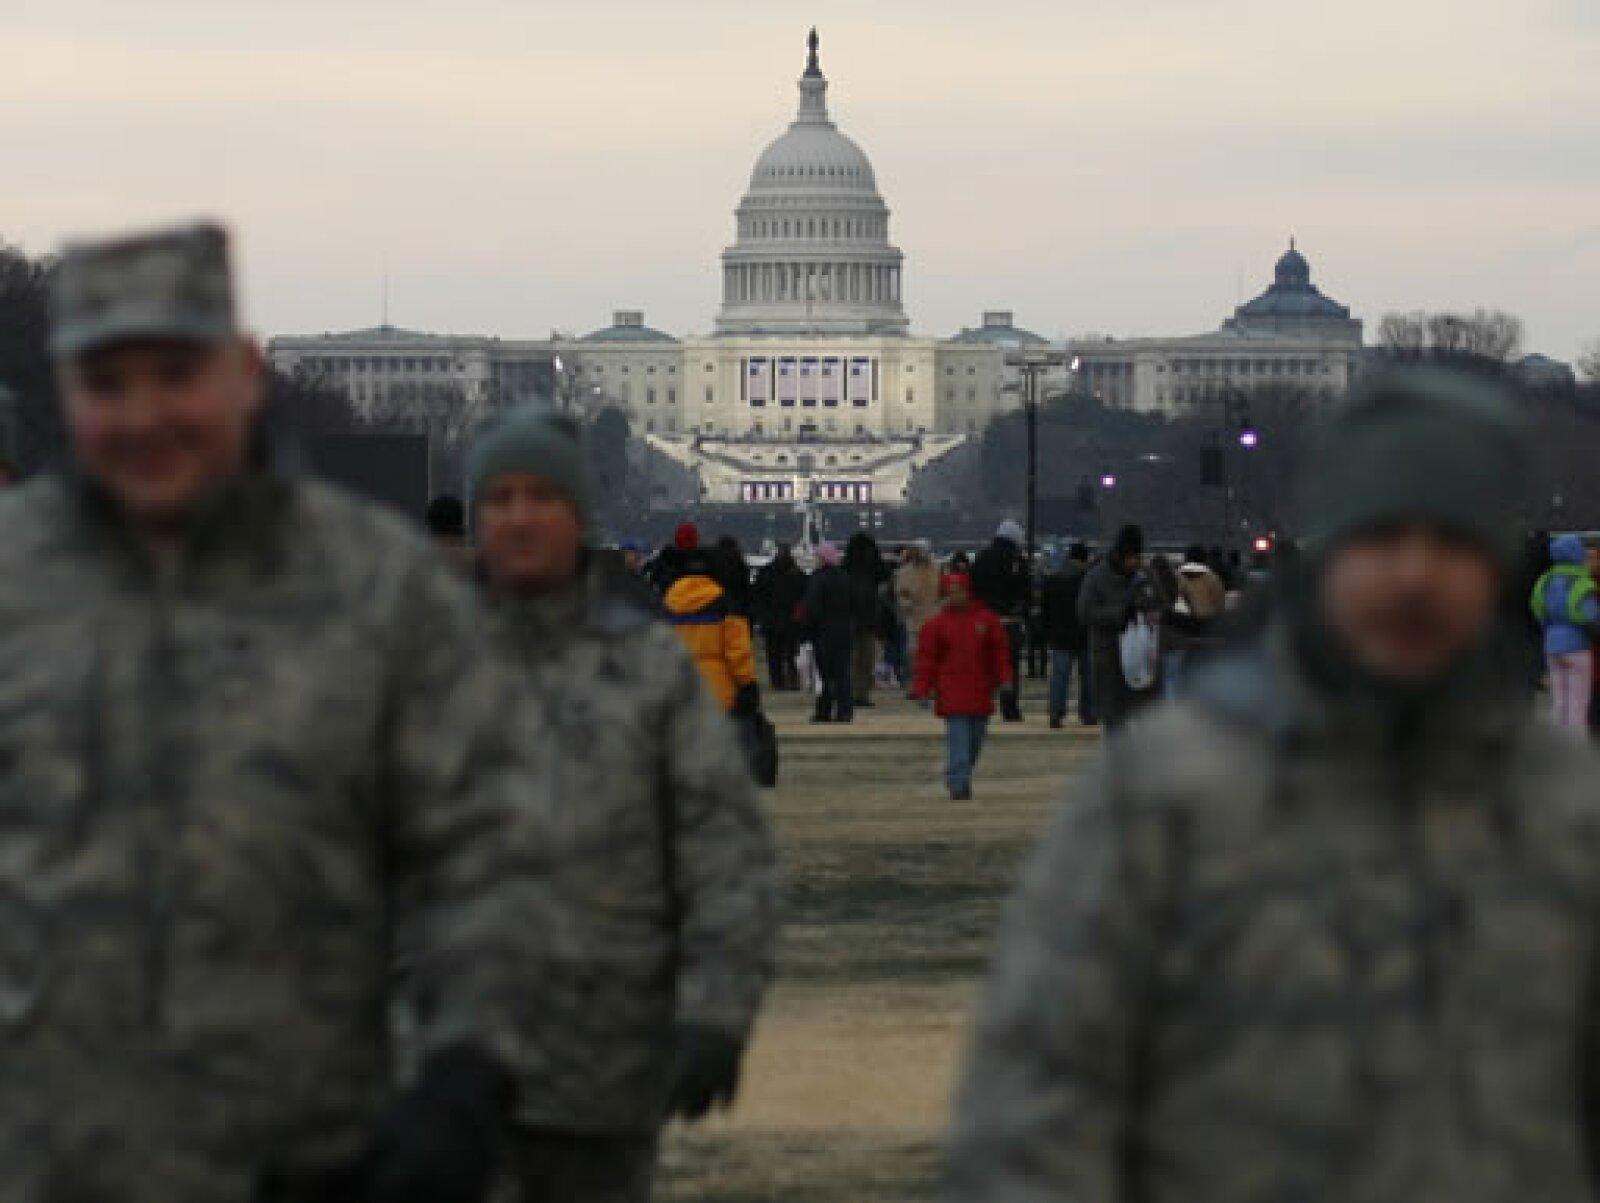 Un operativo de seguridad sin precedentes, calculado en casi 50,000 elementos, fue desplegado en Washington.